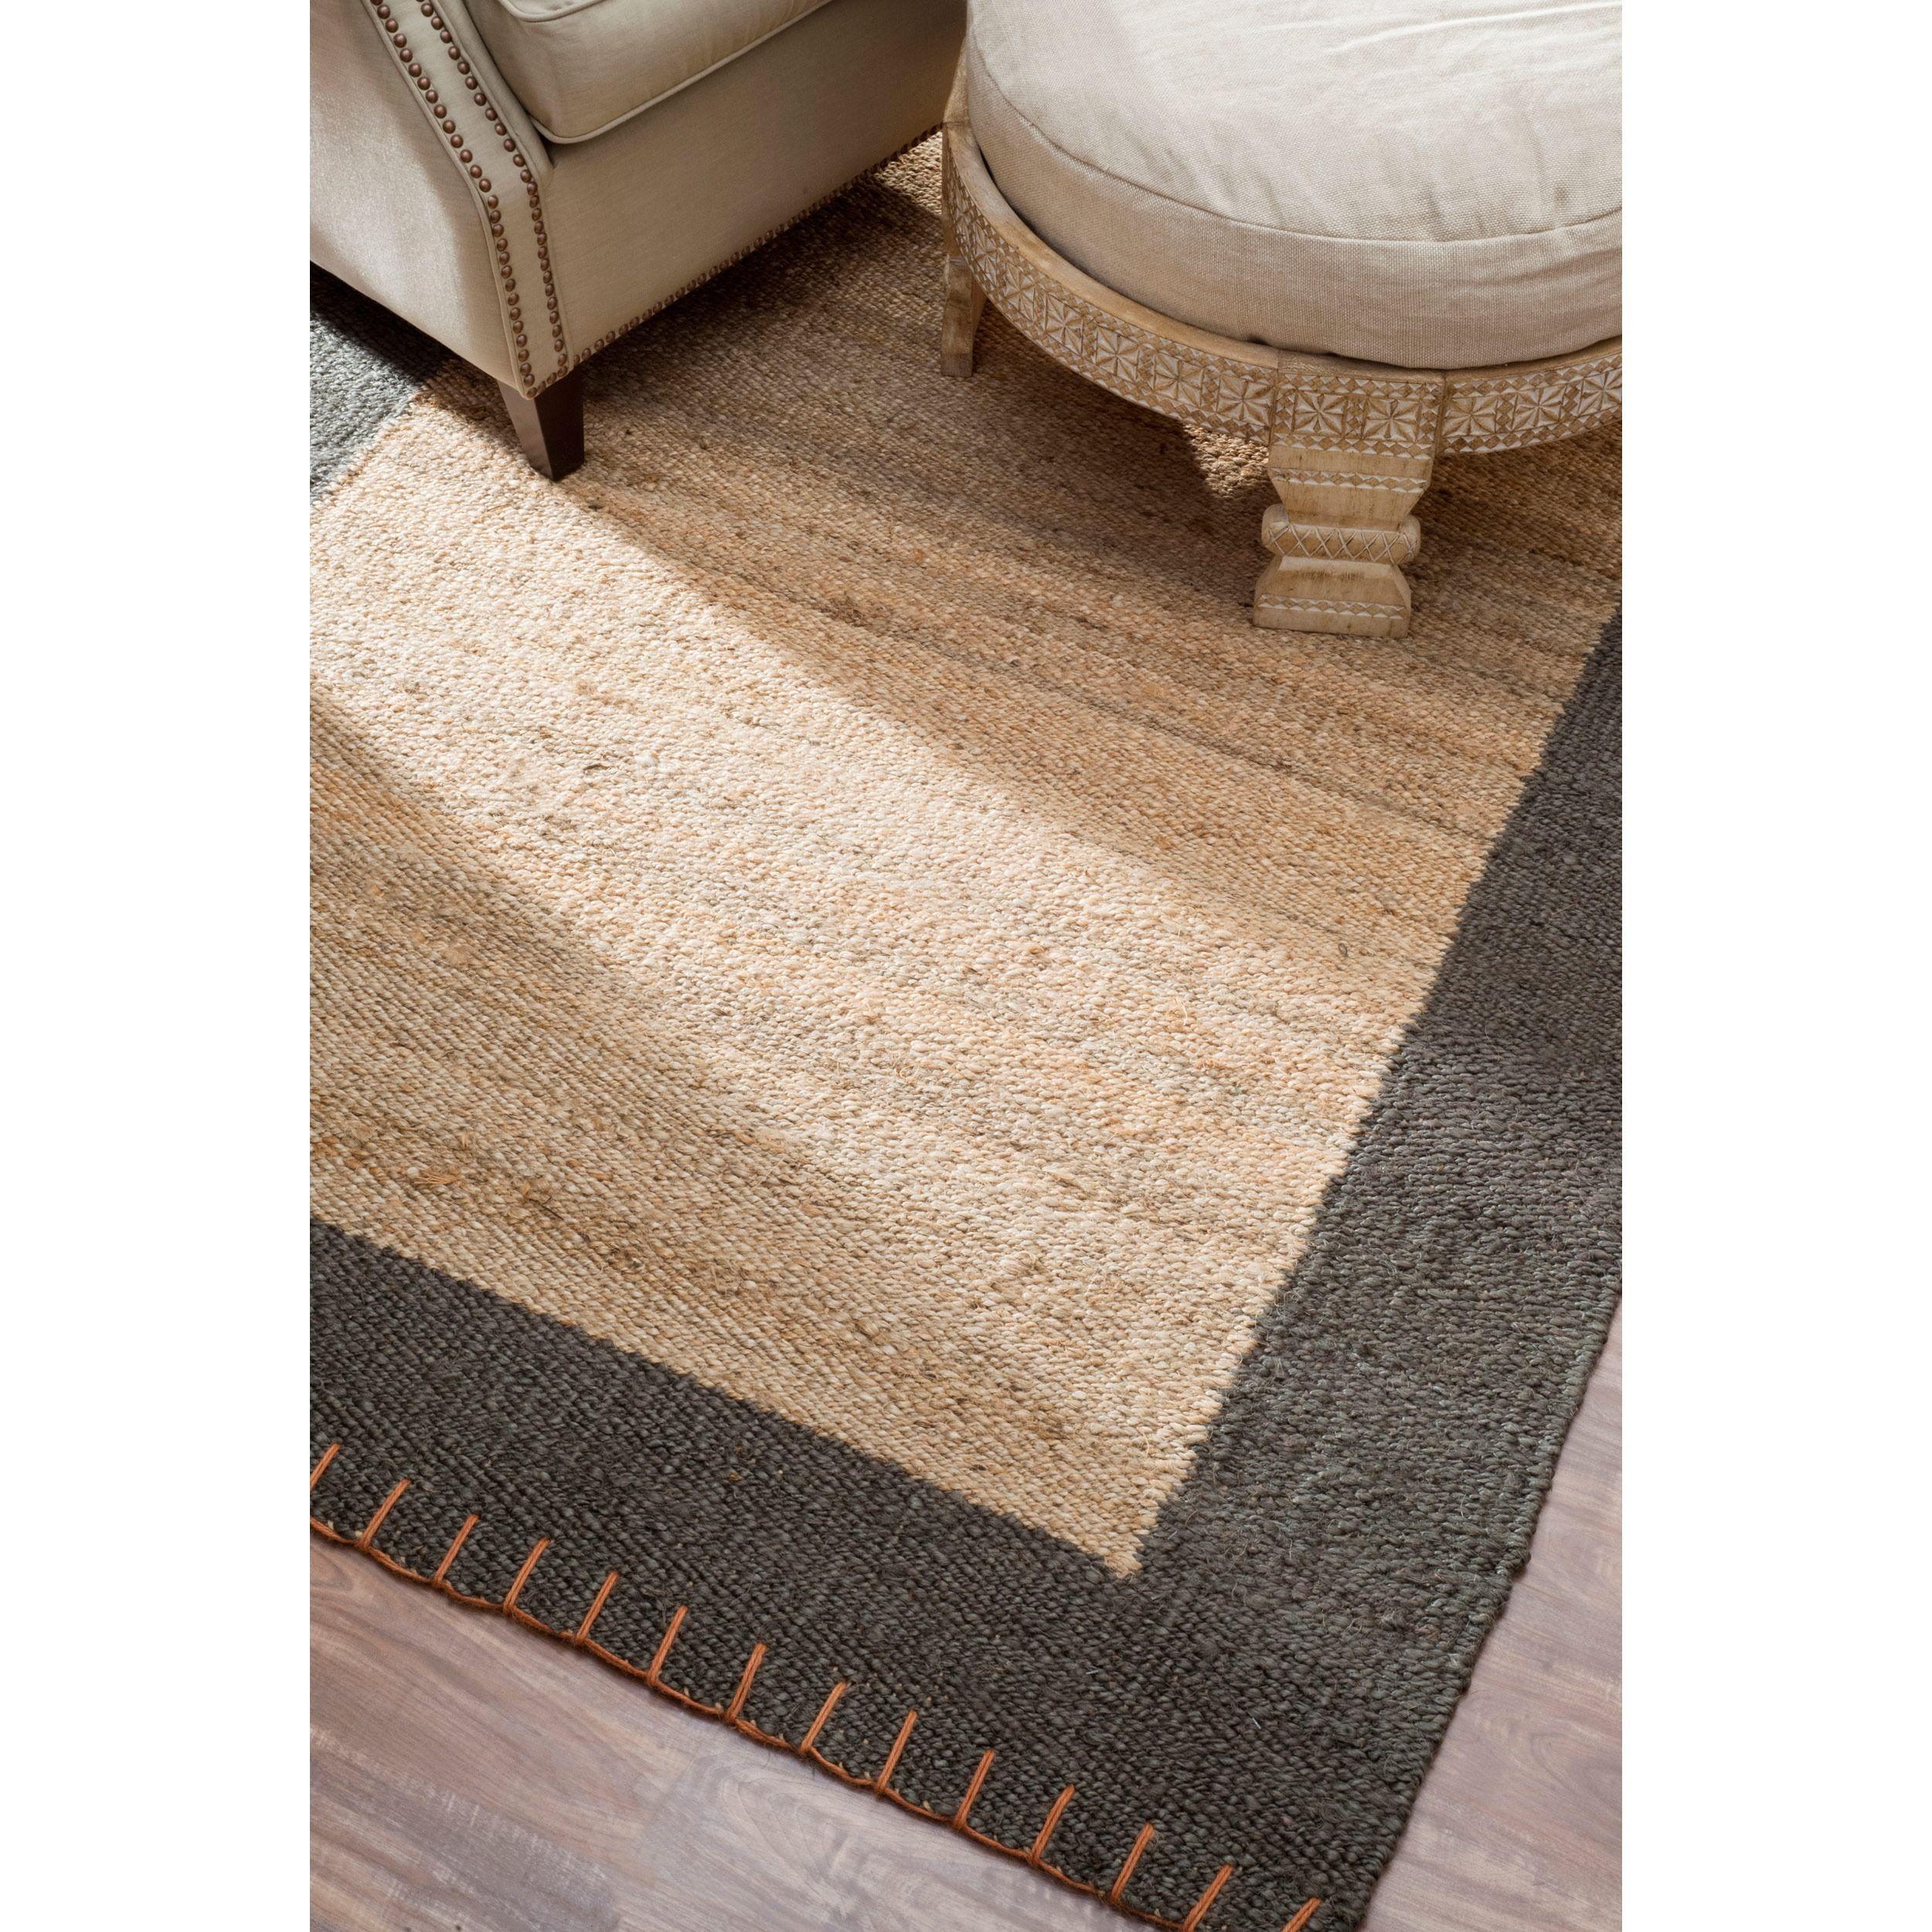 NuLOOM Handmade Texture Stockholm Jute Rug (7'6 X 9'6